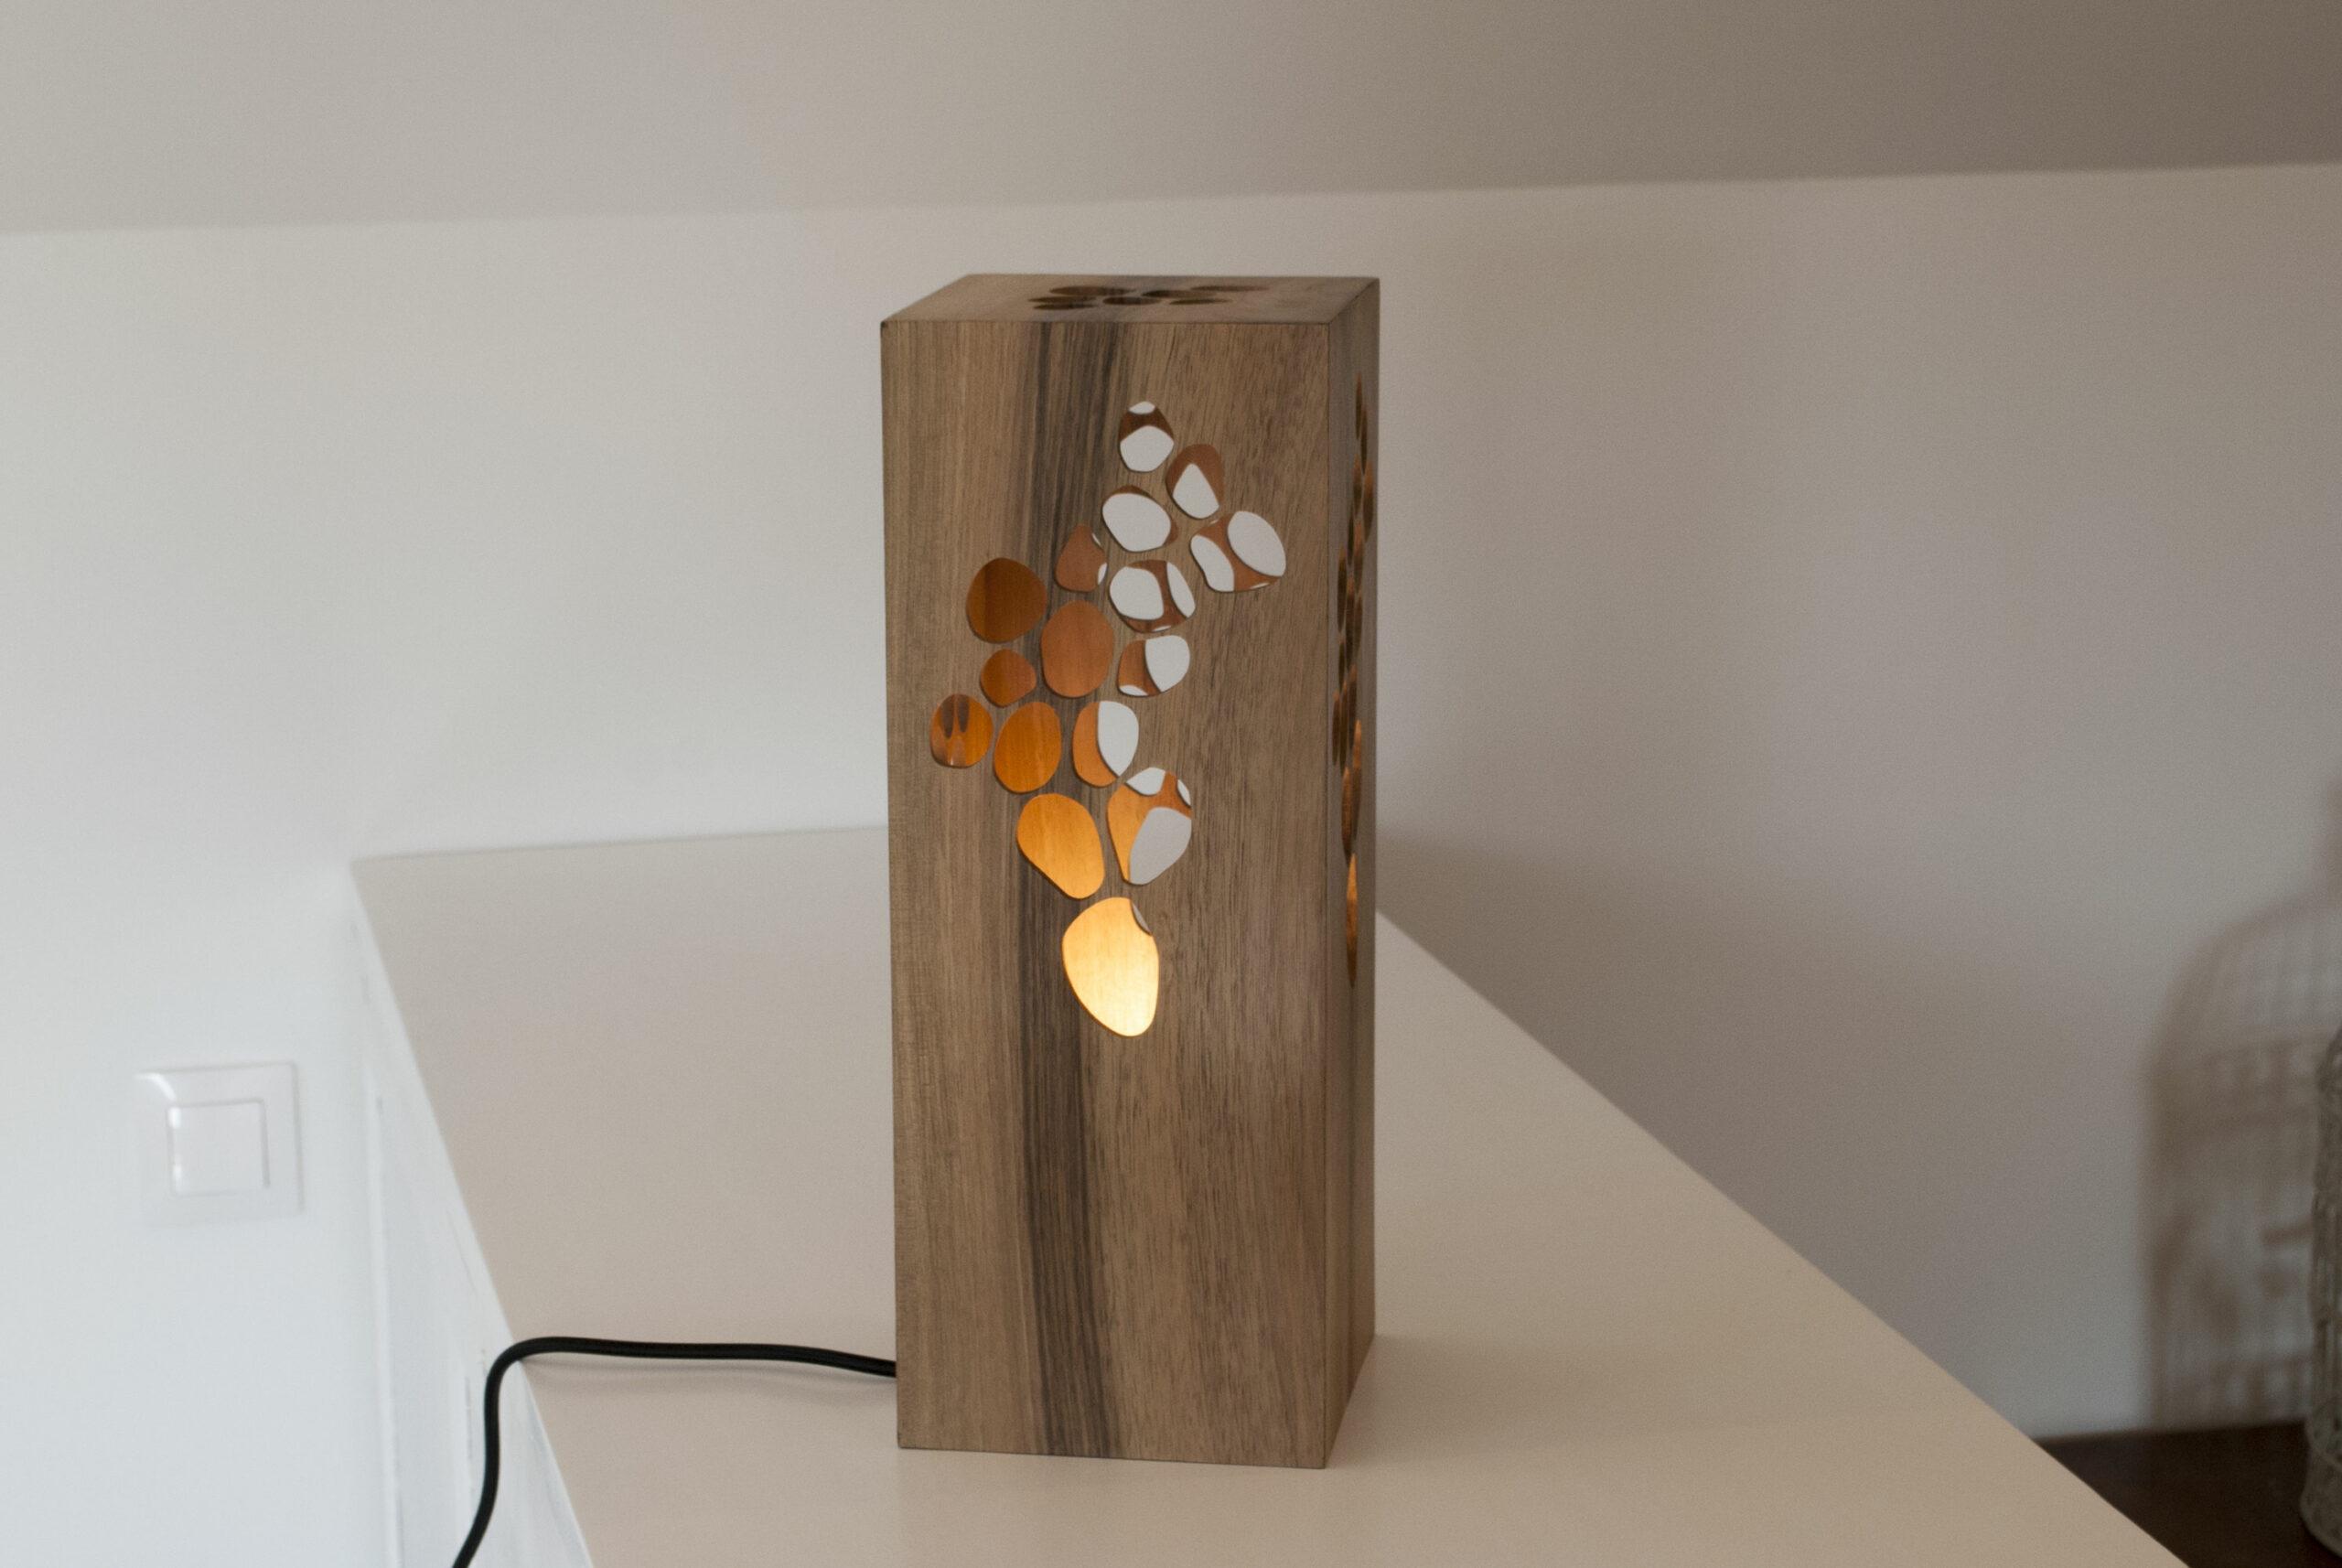 Lampe à poser design en bois de noyer - Fab-Fabrik